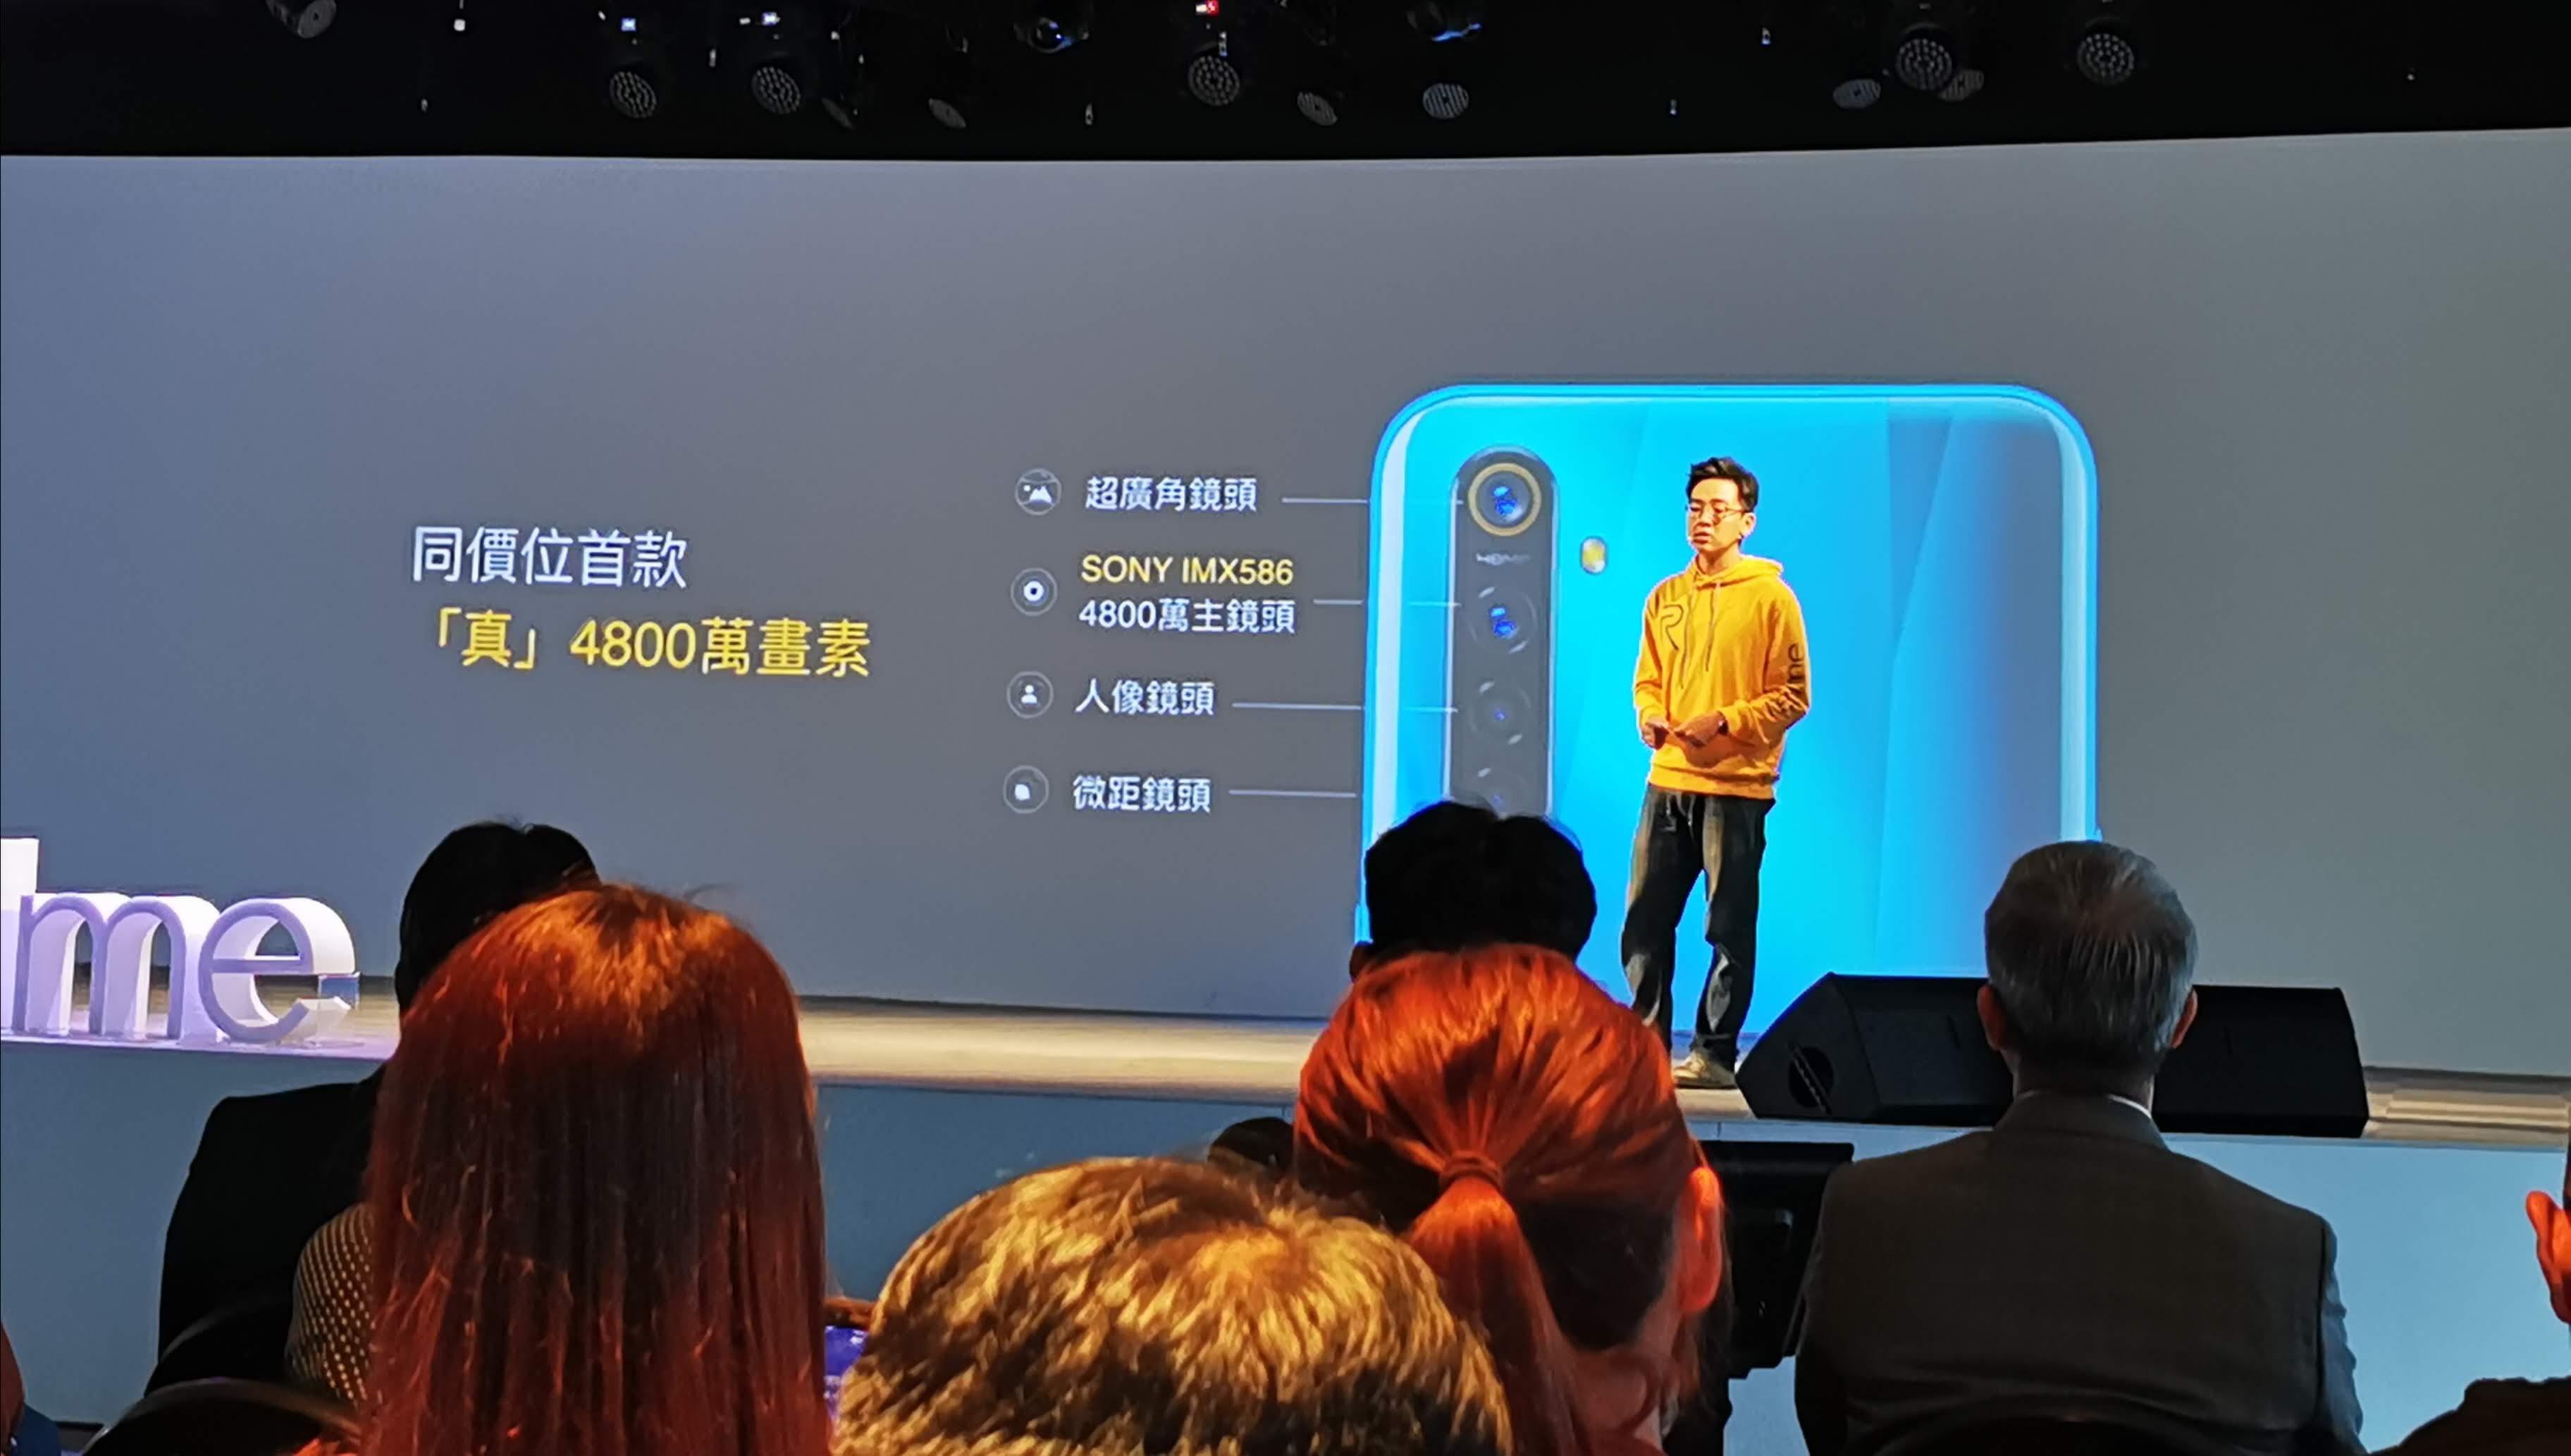 realme 5 Pro 在鏡頭部分採用了搭載SONY IMX 586旗艦級感光元件,4800萬畫像素的主鏡頭,搭配119°超廣角、4cm微距、風格人像鏡頭。